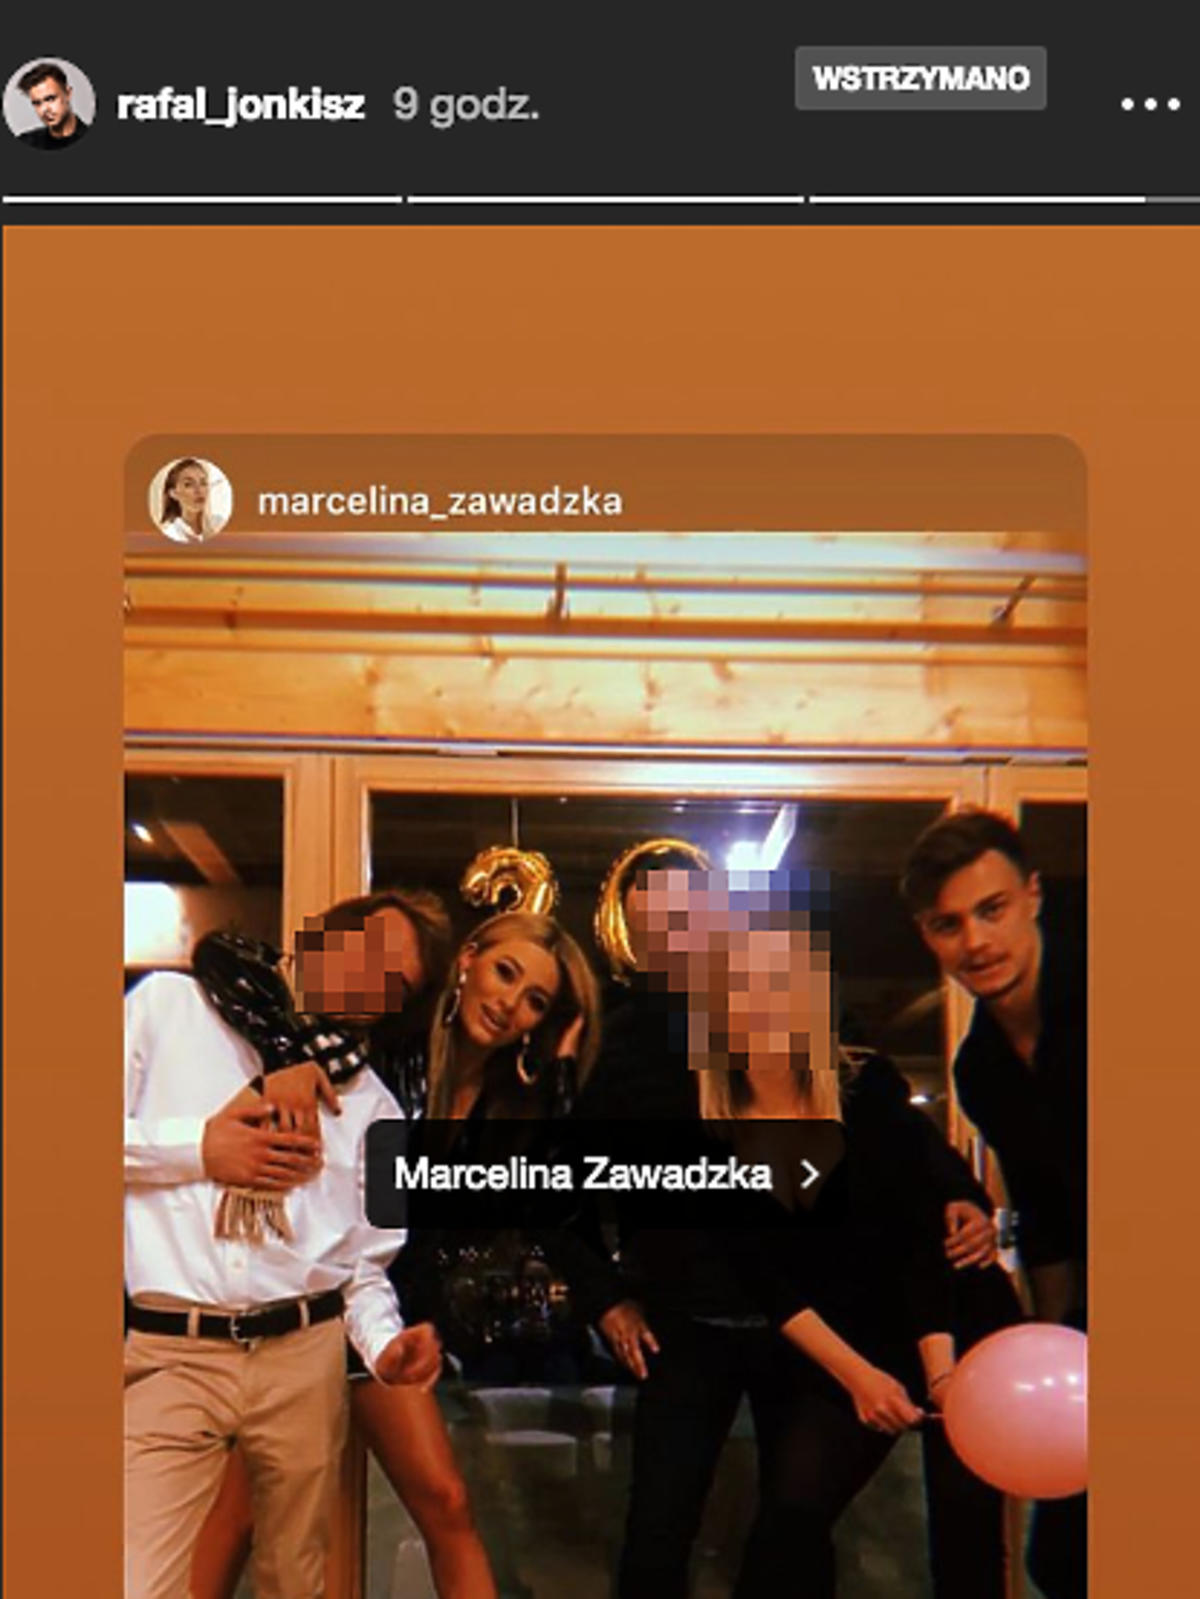 Urodziny Marceliny Zawadzkiej. Pierwsze zdjęcia z Rafałem Jonkiszem